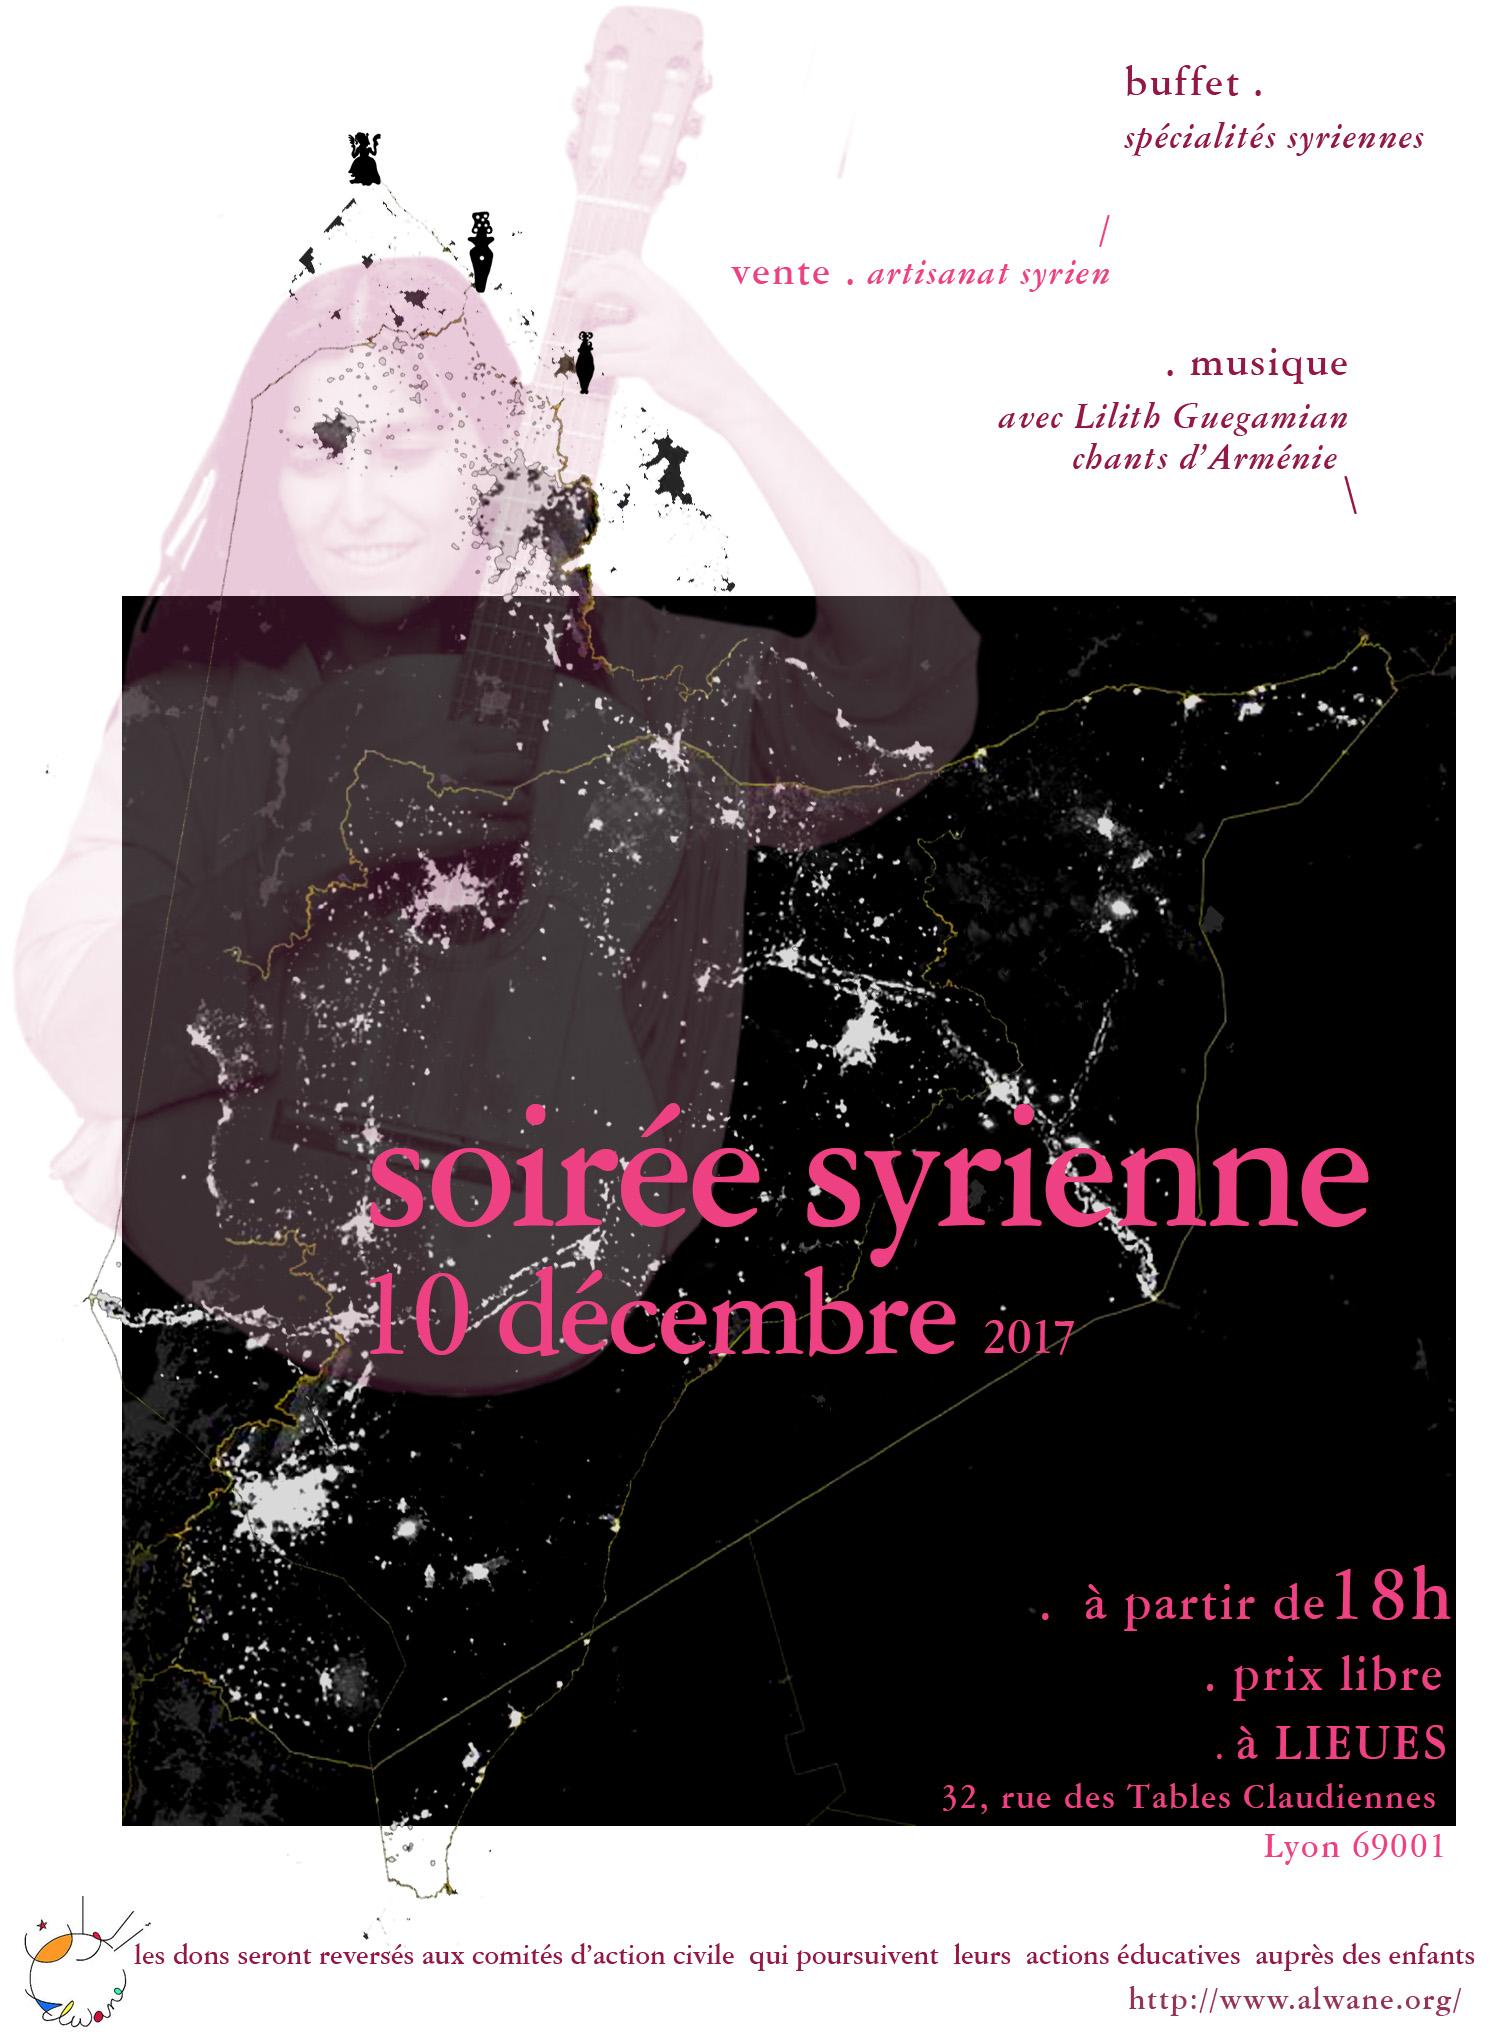 Soirée syrienne concert Lilith Guegamian